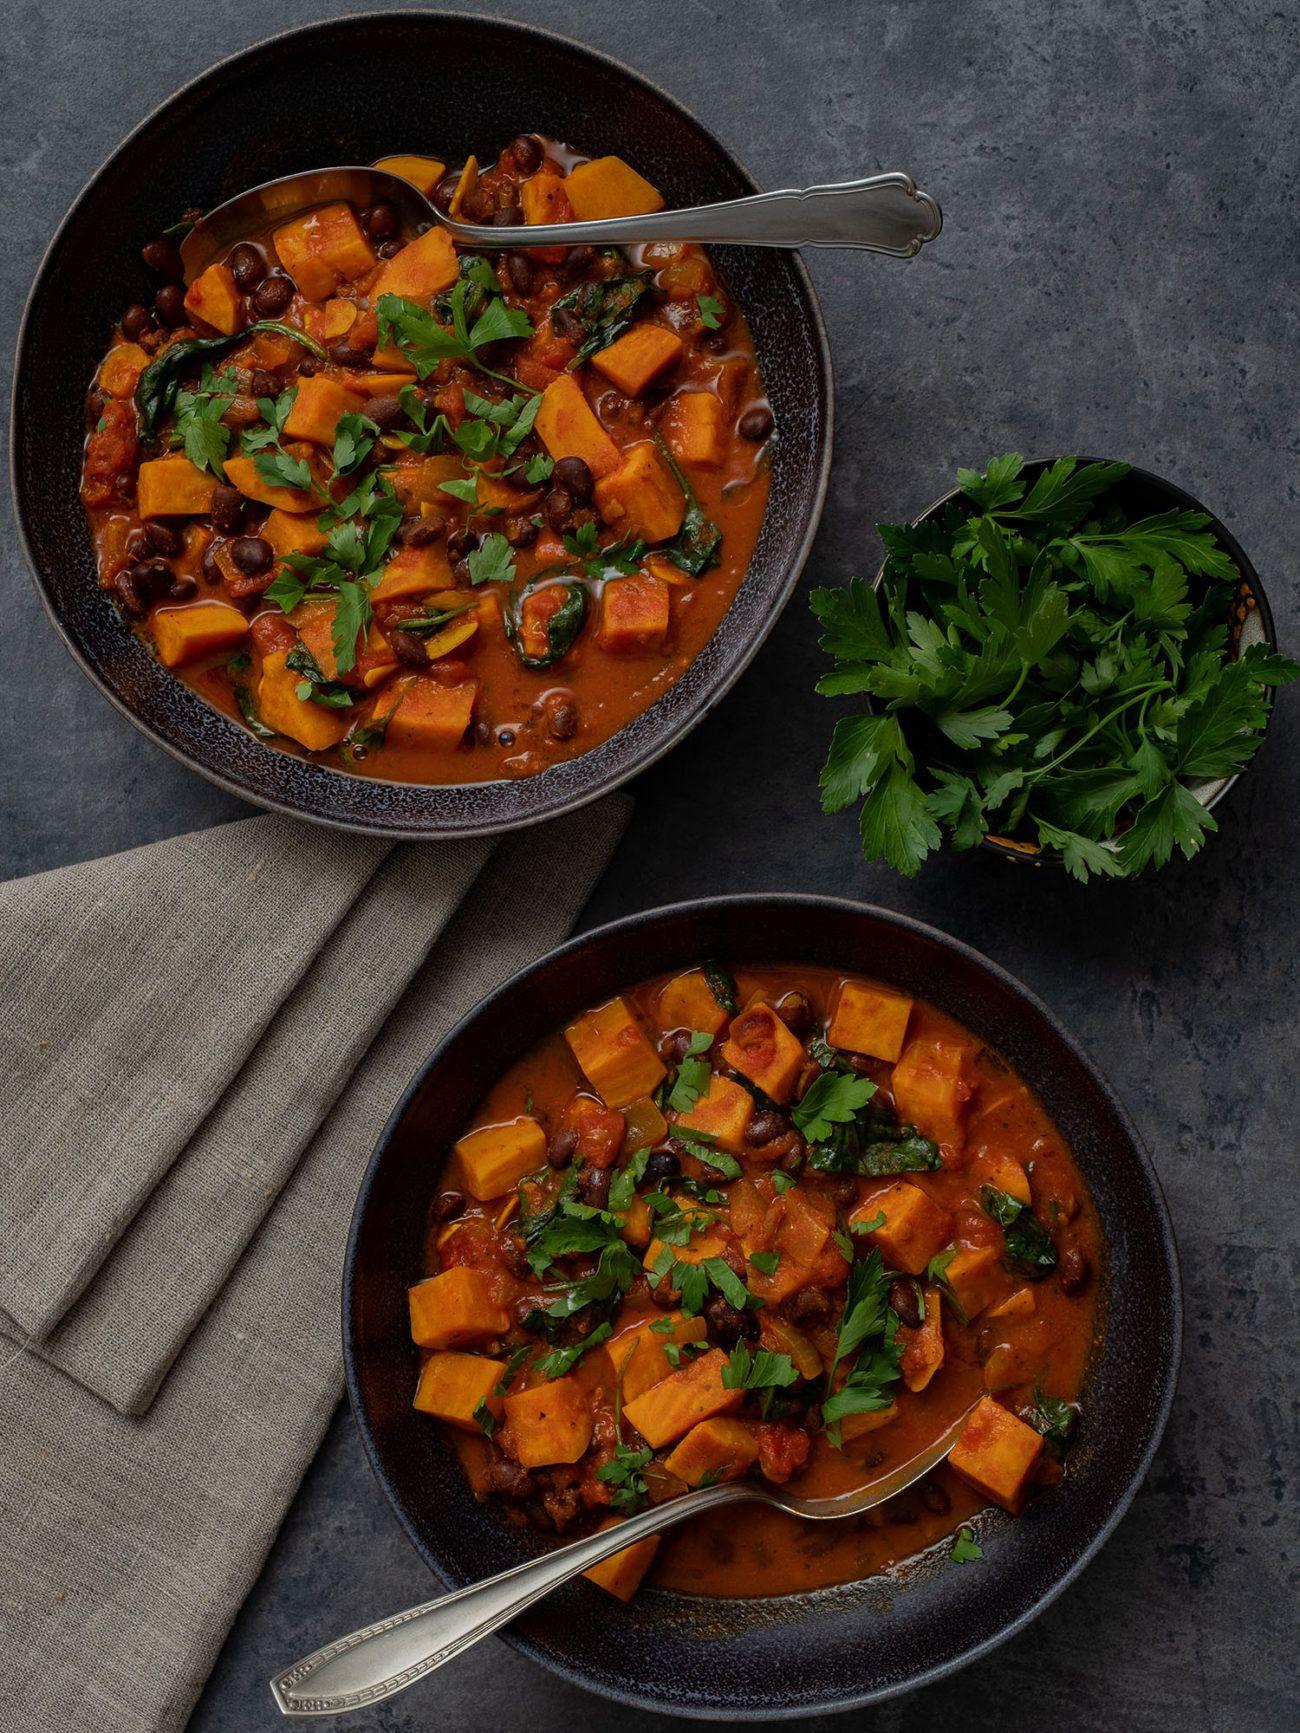 Rezept Süßkartoffeleintopf mit Kidney Bohnen und Spinat, Serviette, Teller, Spinat, Eintopf, Petersilie